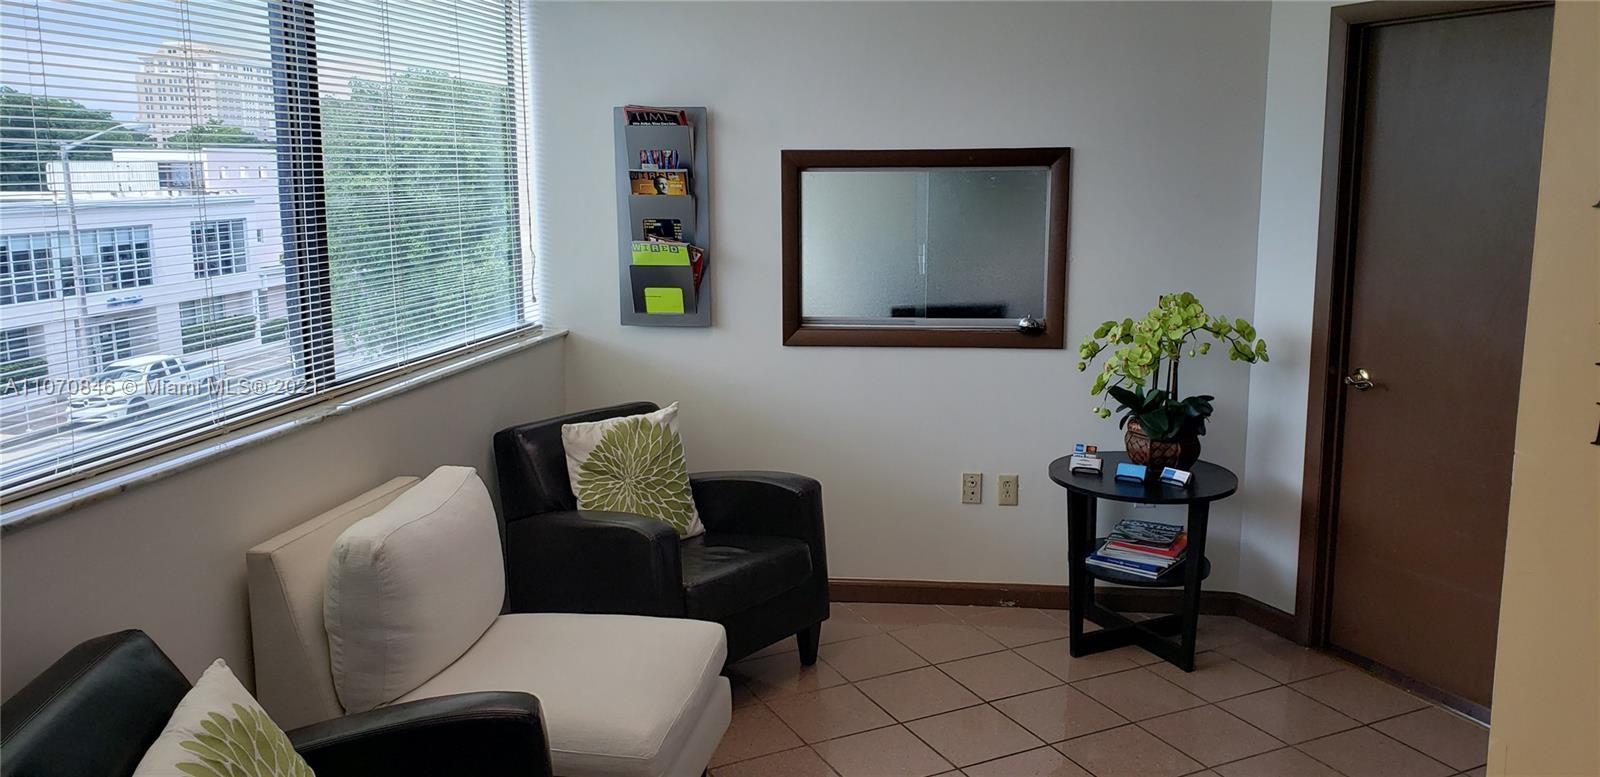 3301  Ponce De Leon Blvd #301 For Sale A11070846, FL